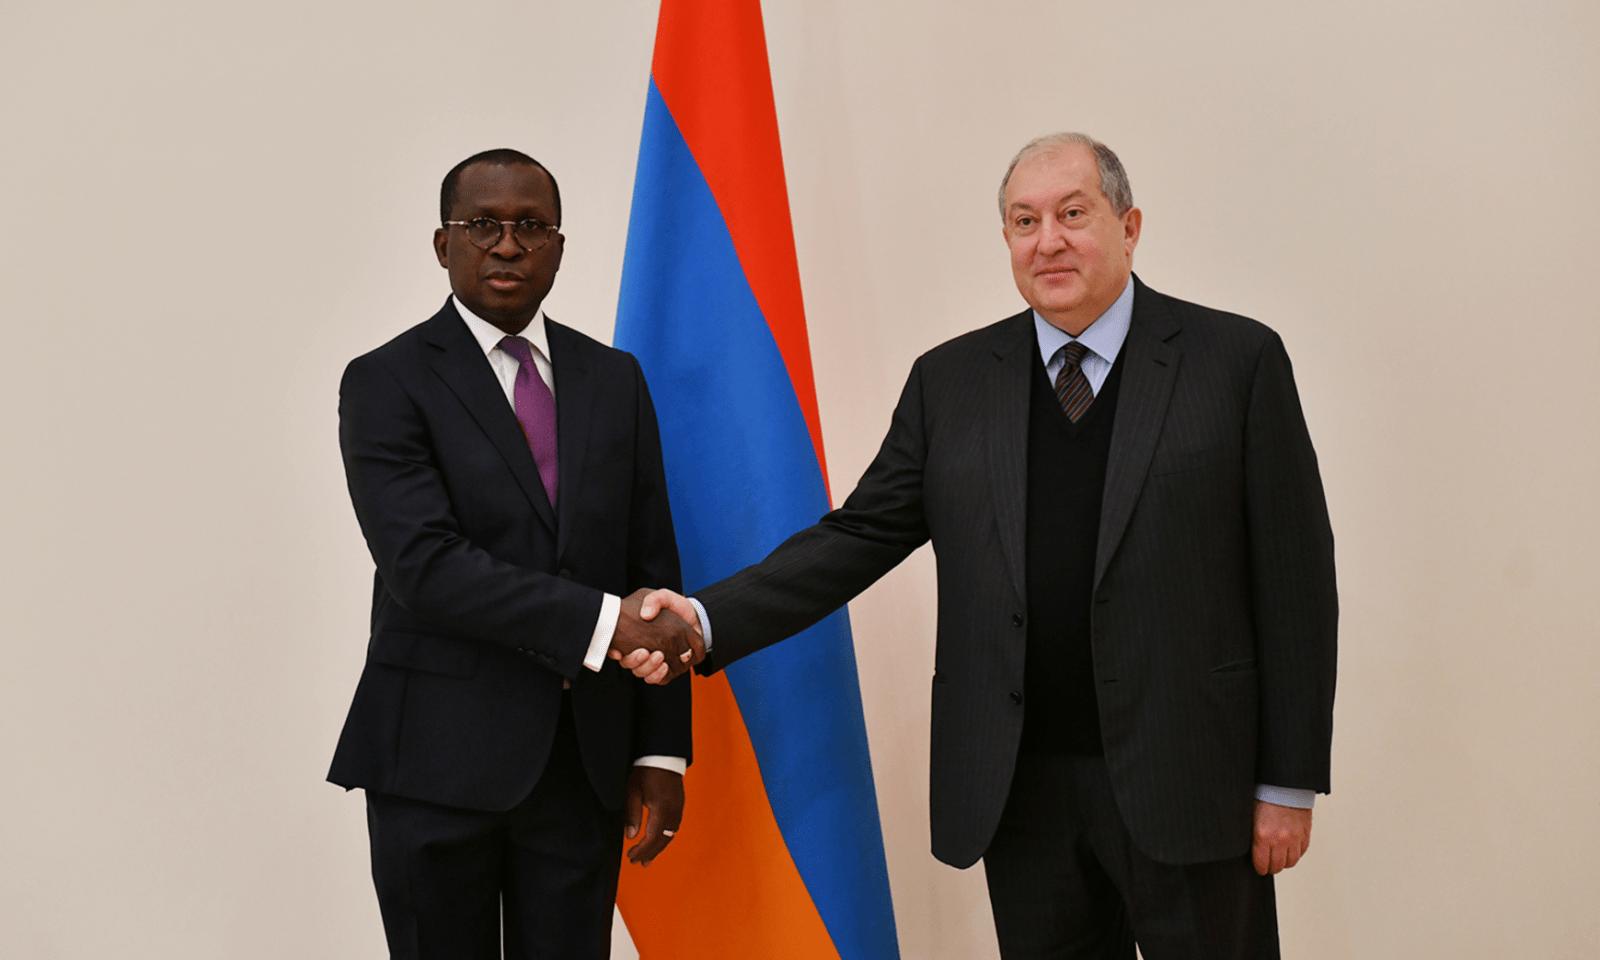 Посол Буркина-Фасо Антуан Сома  вручил верительные грамоты Армену Саргсяну. ВИДЕО